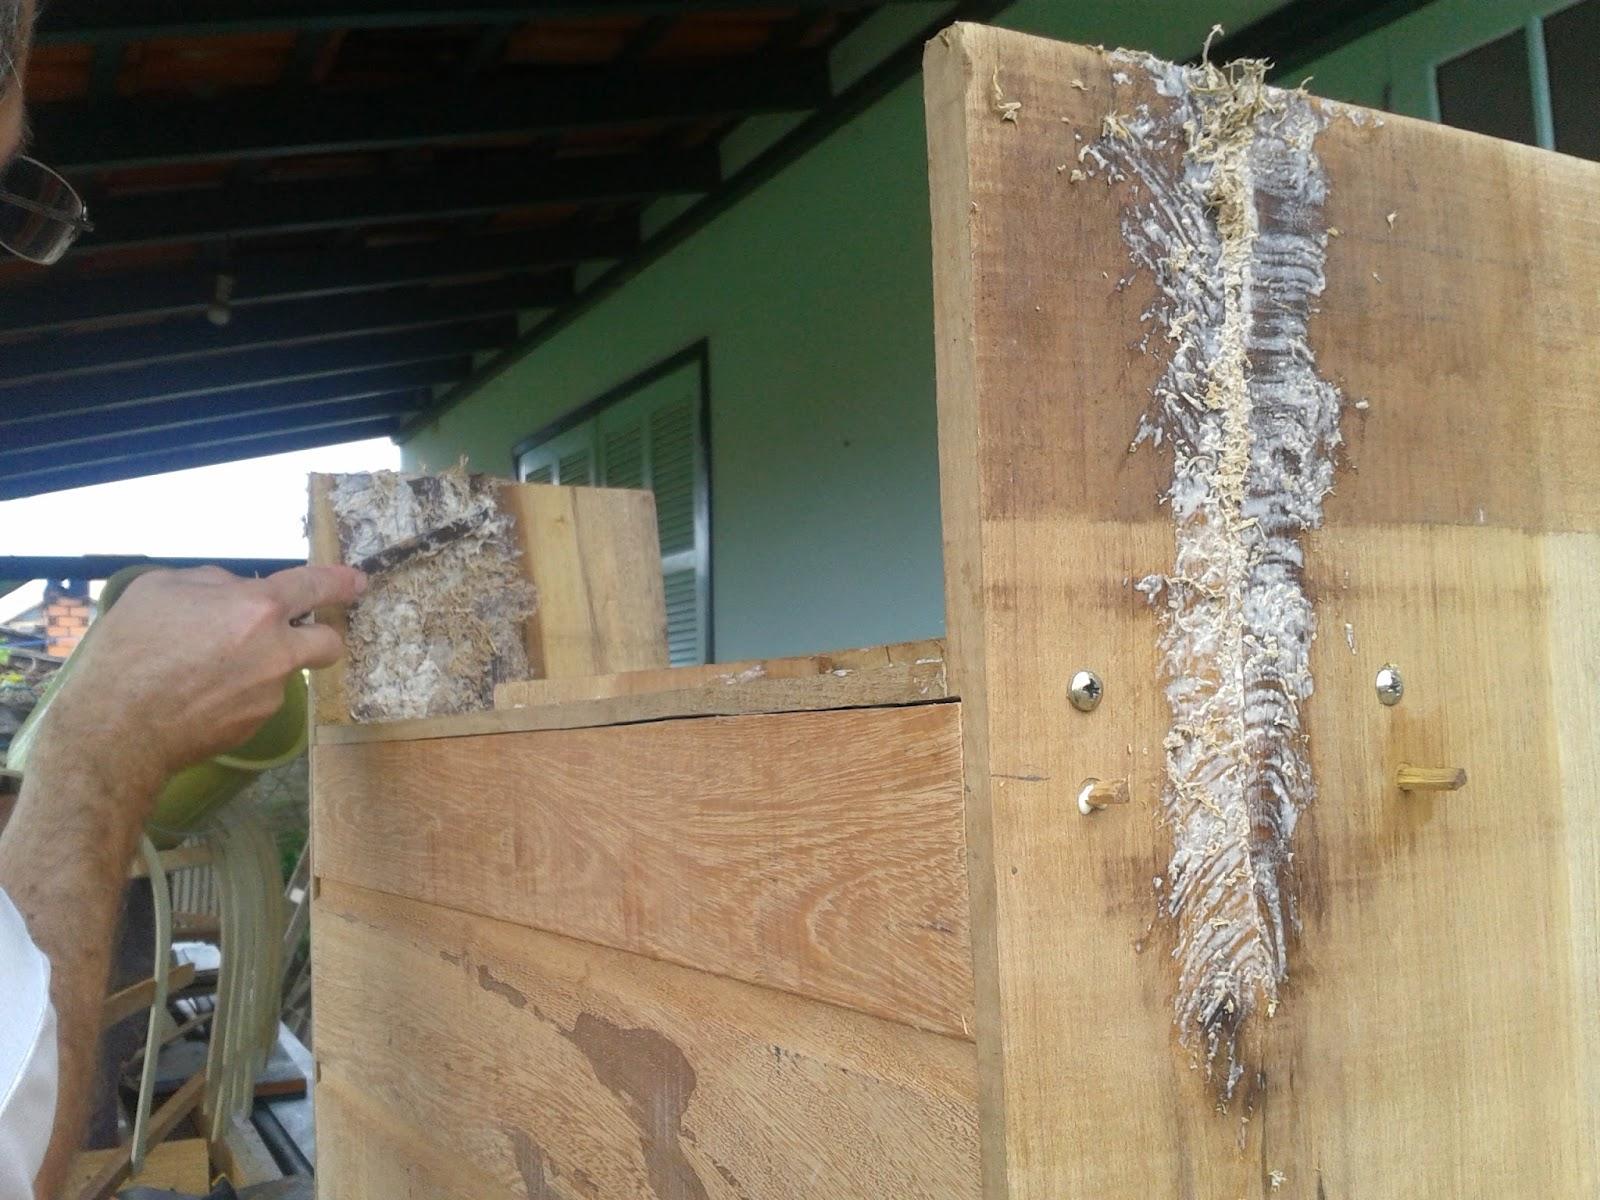 Mistura de cola com serragem para cobrir imperfeições da madeira. #31486B 1600x1200